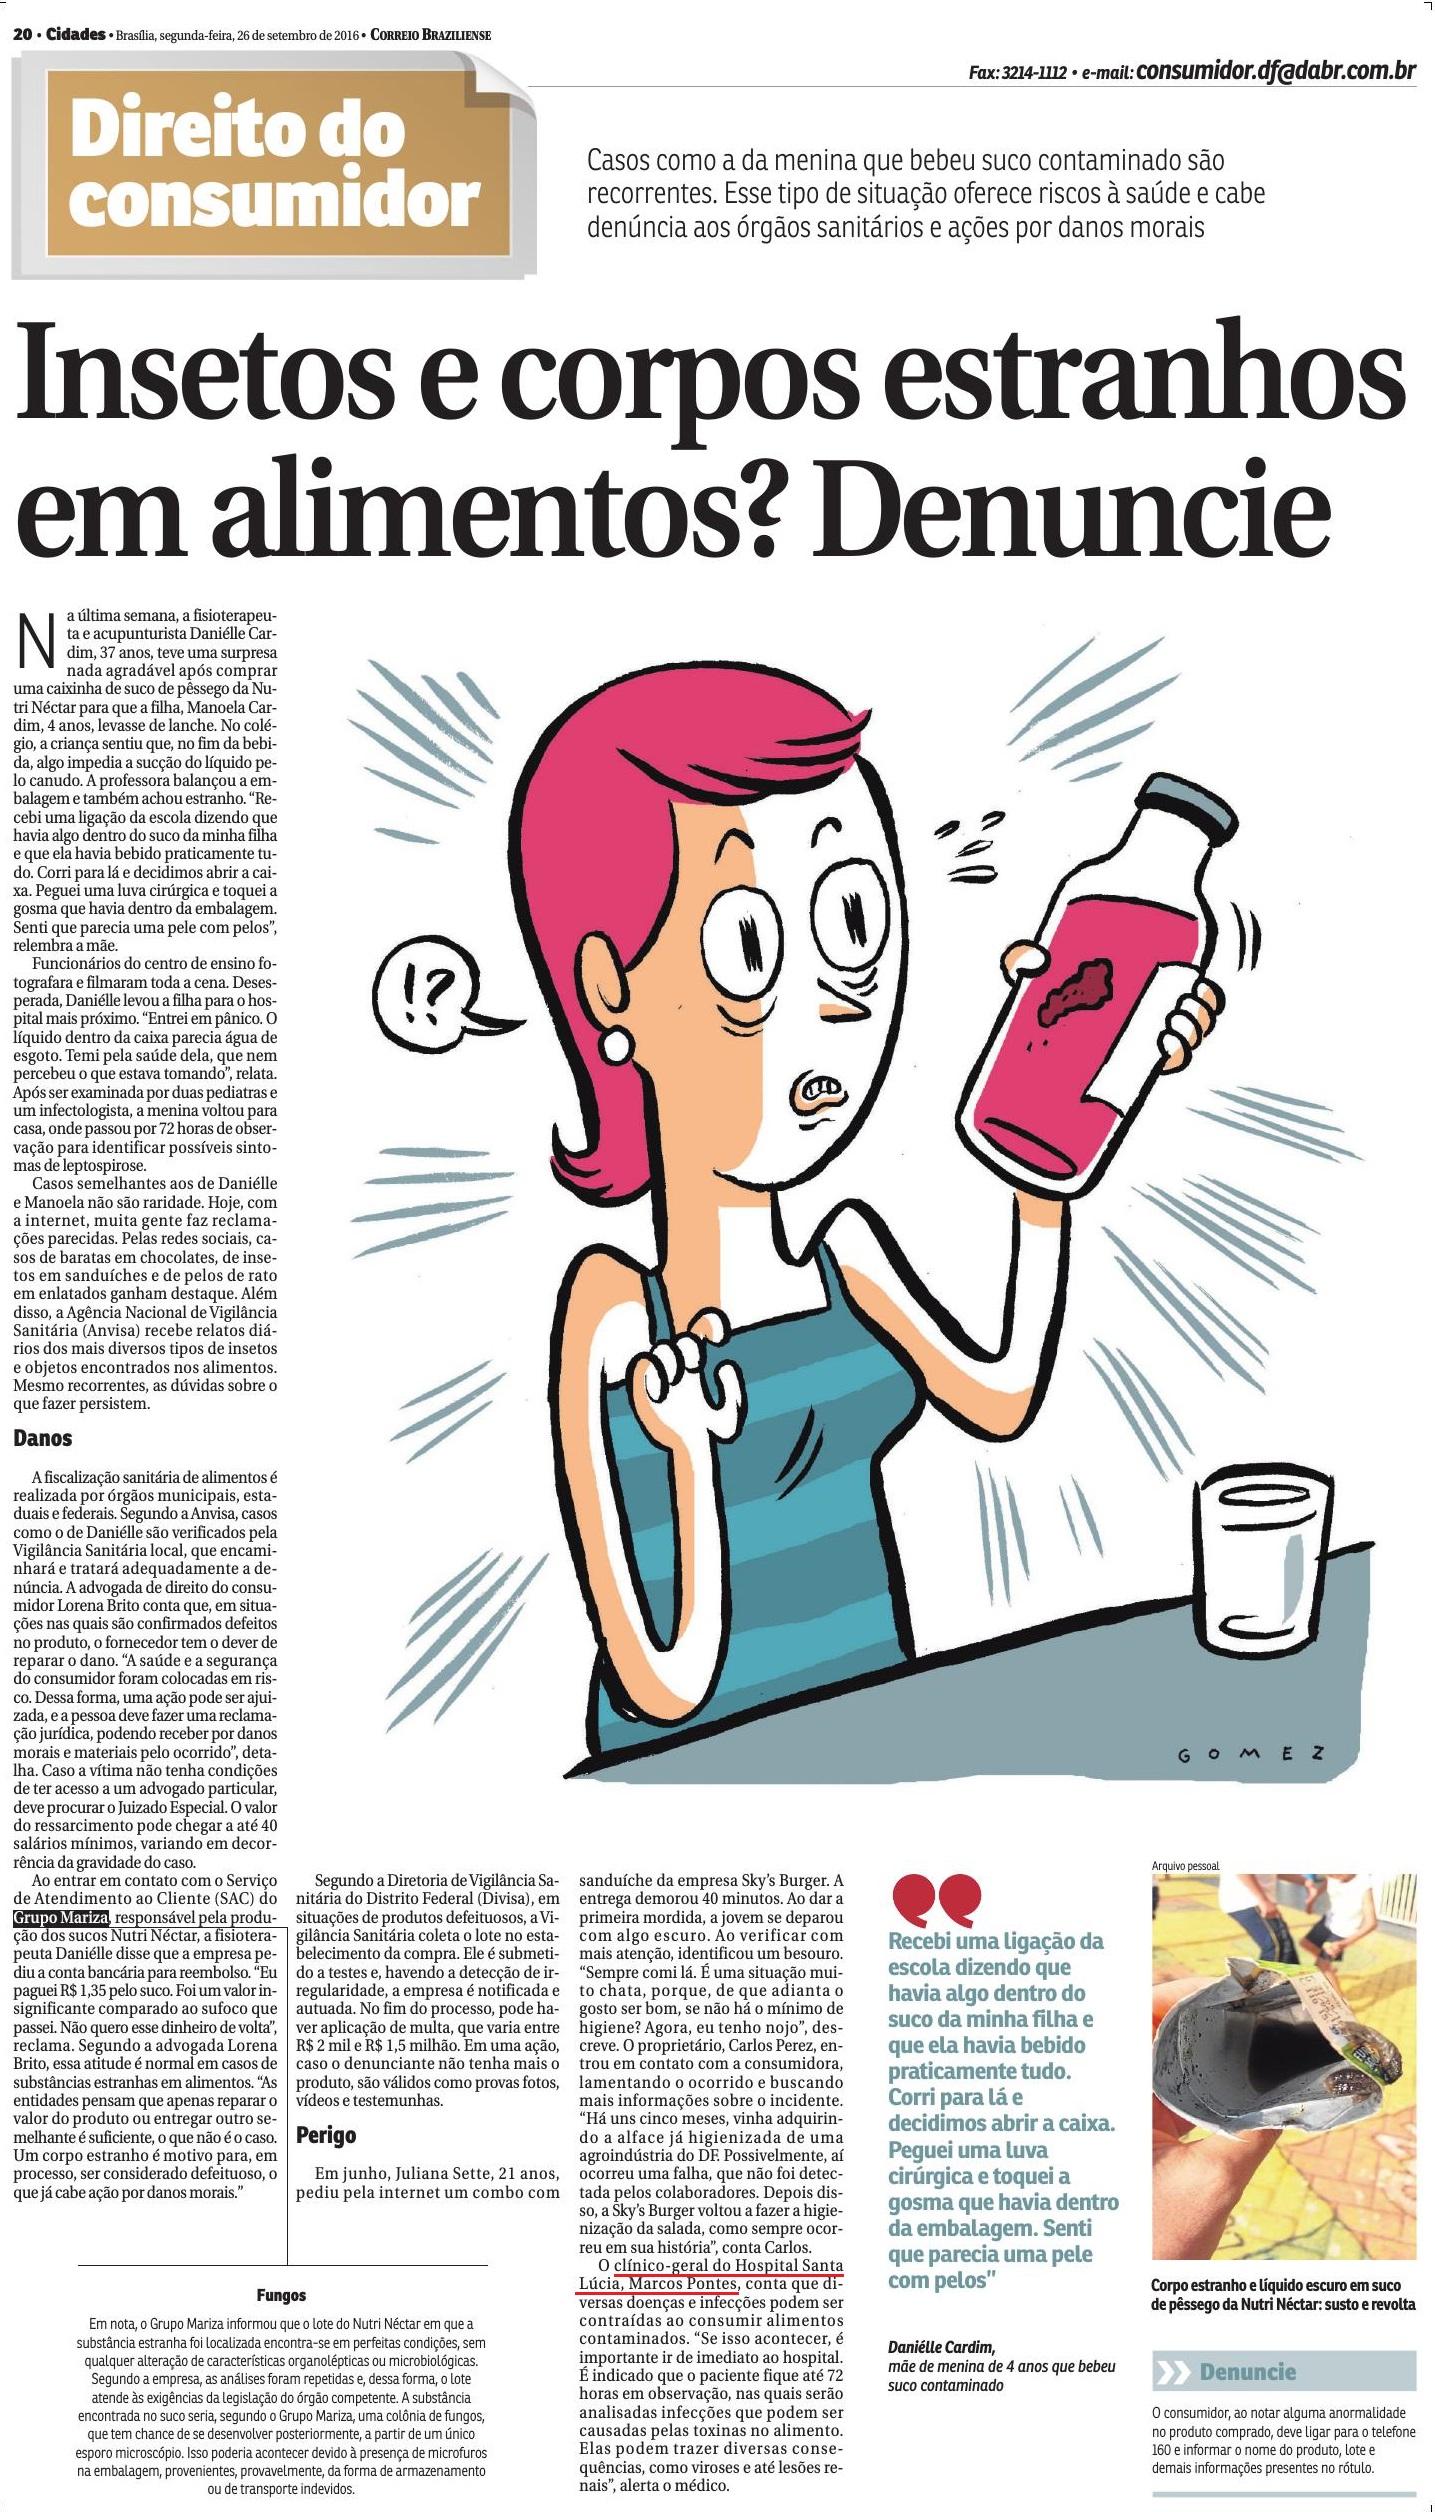 correio-braziliense-direito-do-consumidor-dr-marcos-pontes-hsl-26-09-2016